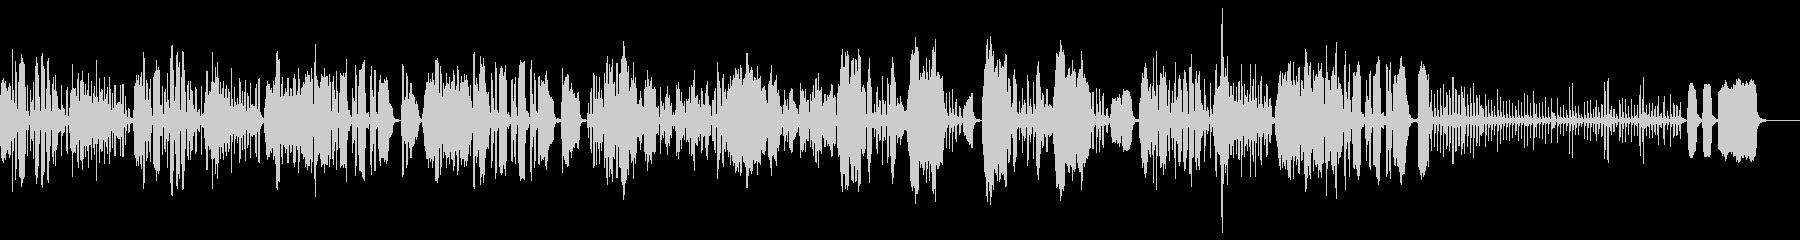 ほのぼのしたリコーダー曲の未再生の波形